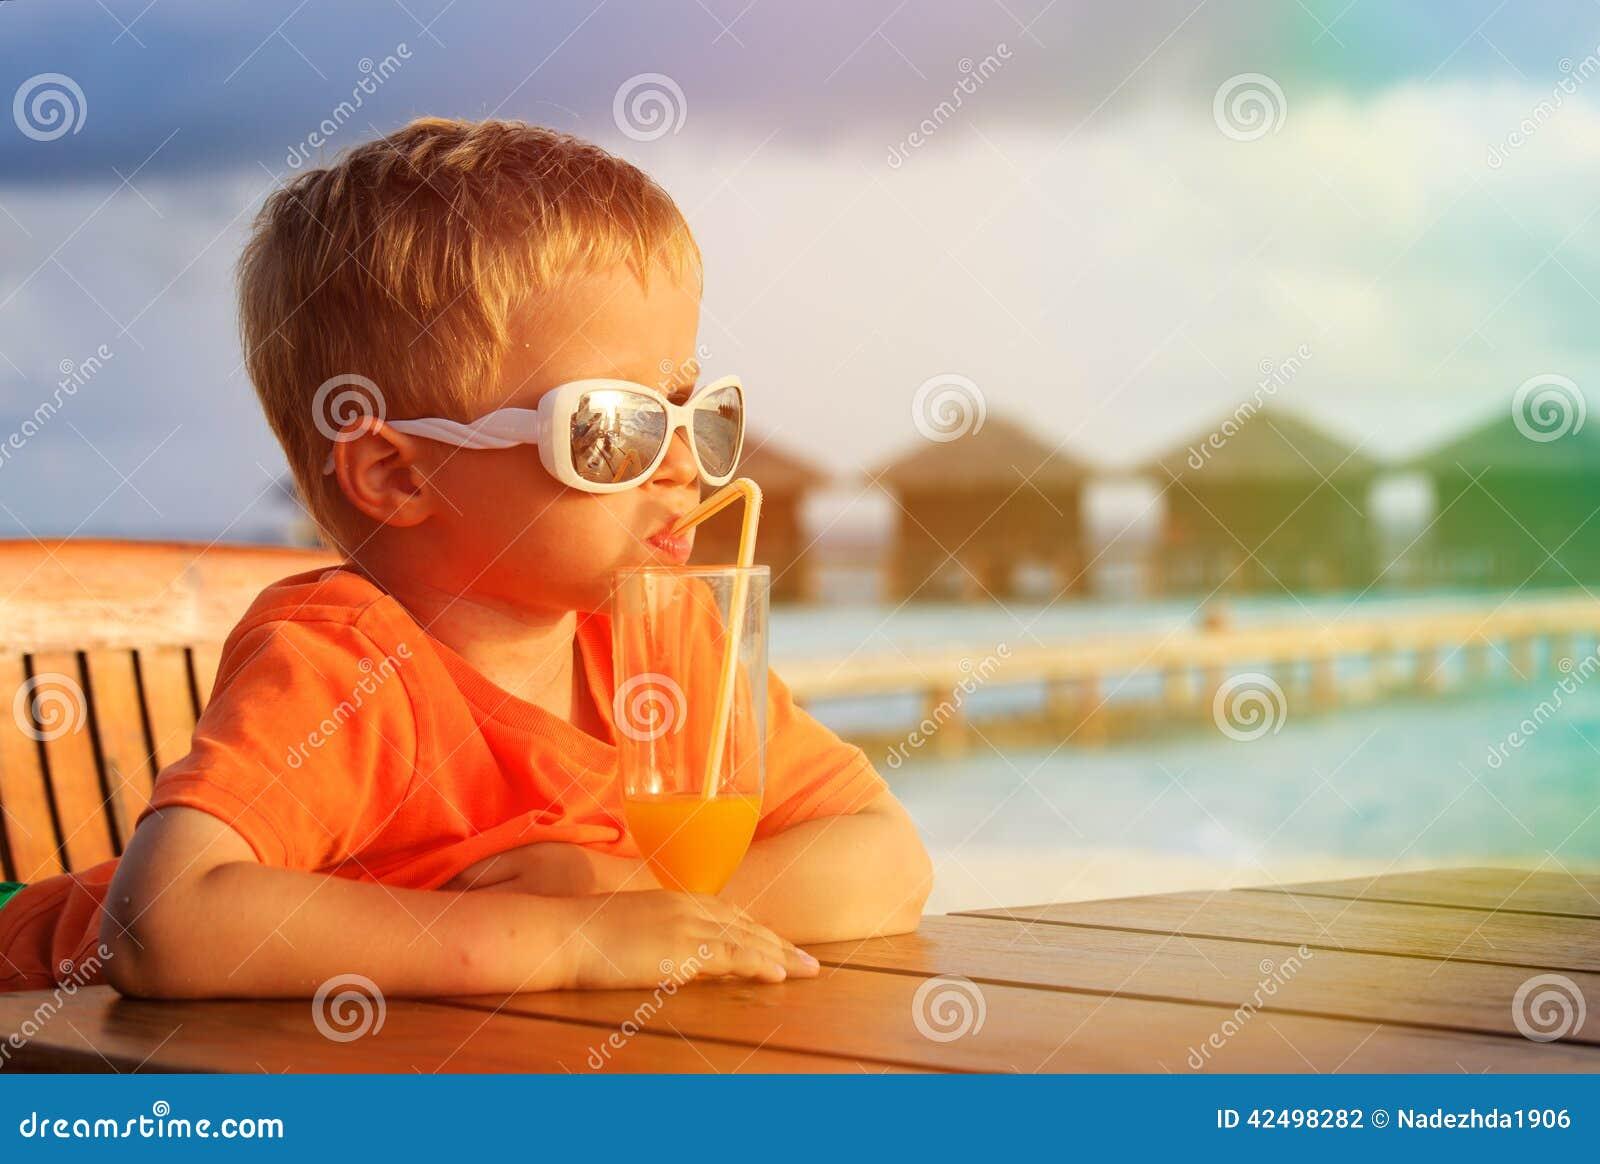 Κοκτέιλ κατανάλωσης μικρών παιδιών στην τροπική παραλία